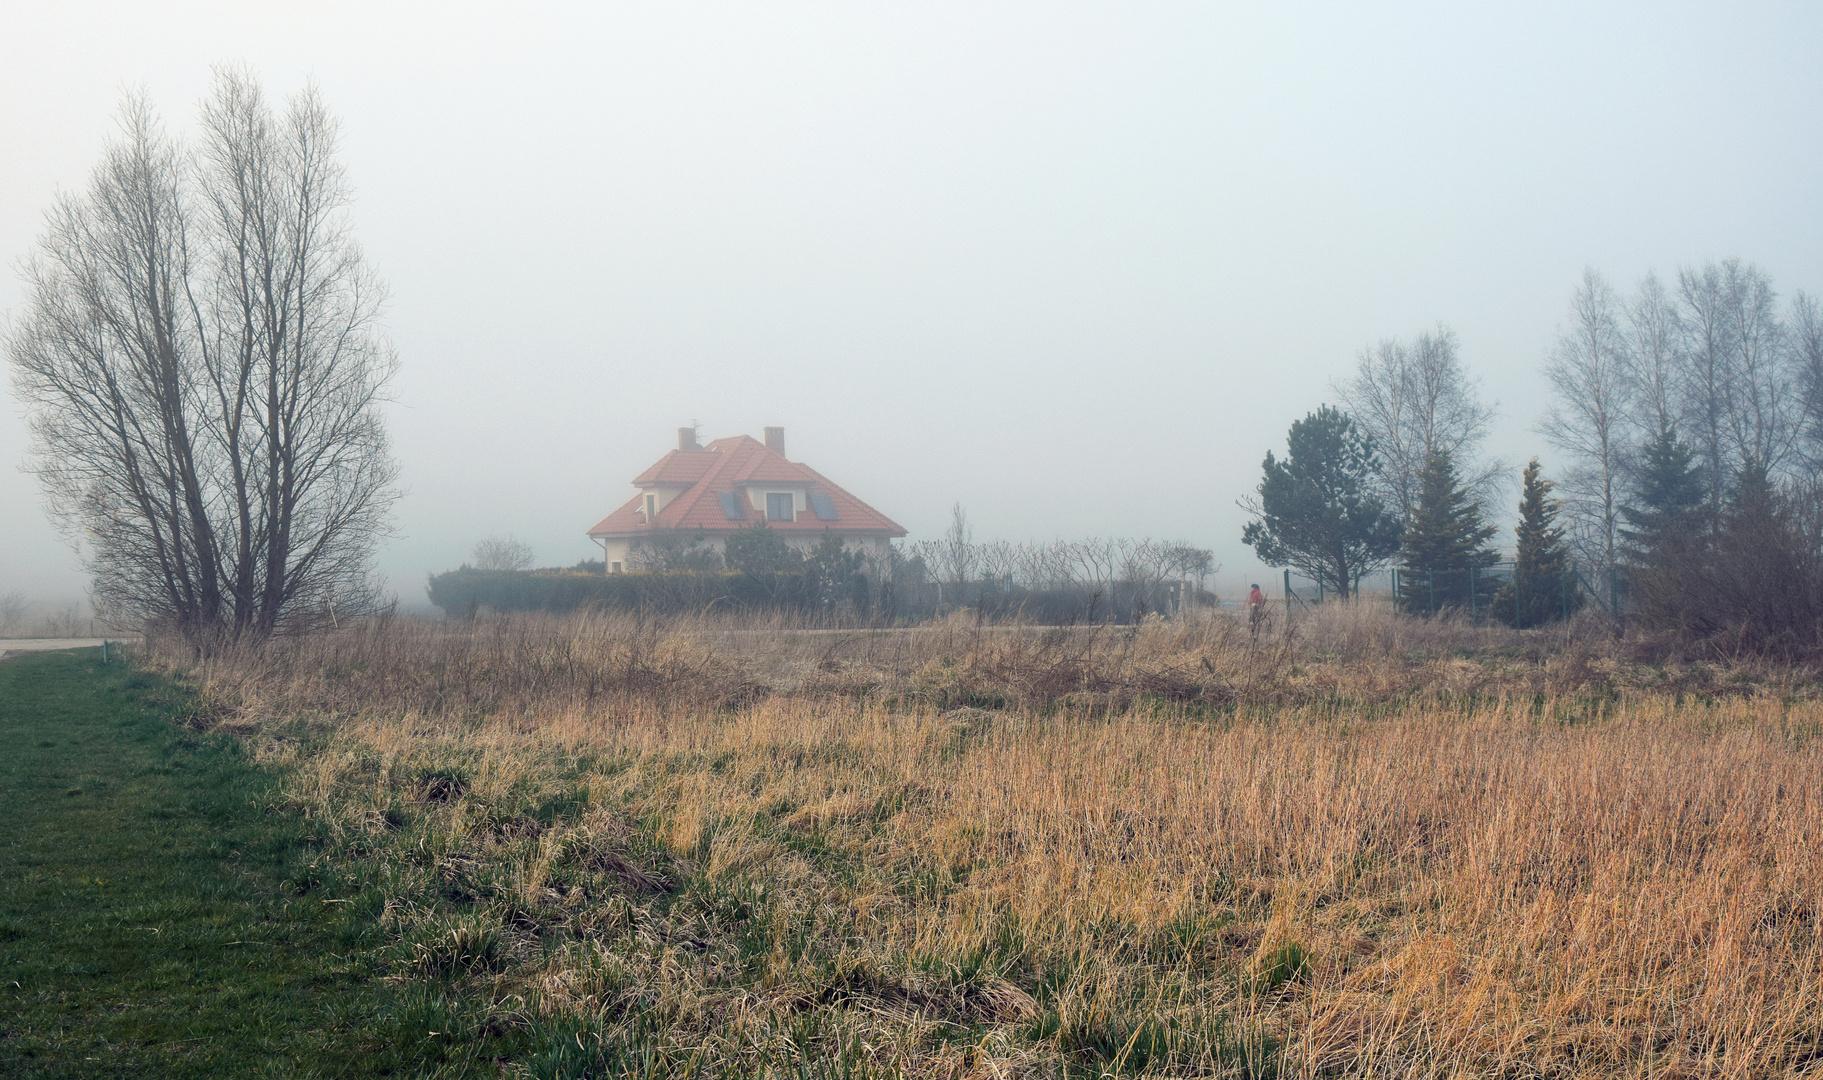 POLEN GRZYBOWO - Spaziergang im Nebel -